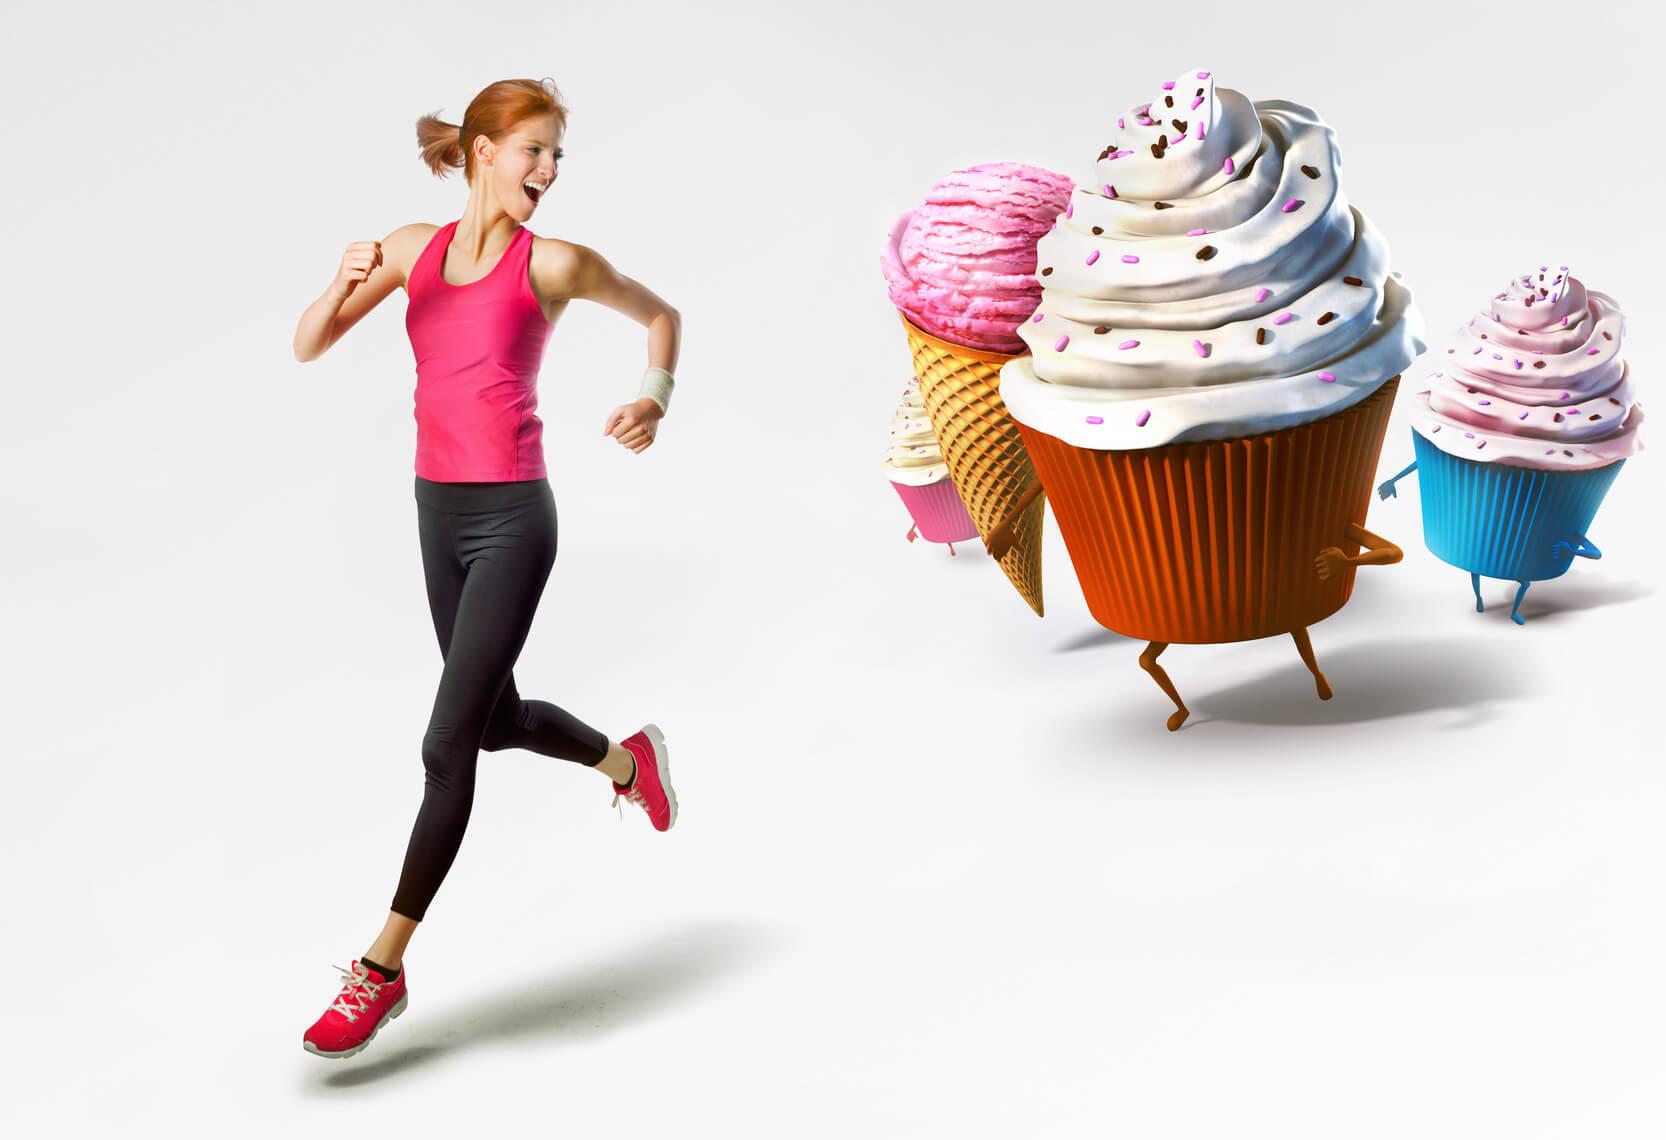 Тренировки способствуют похудению